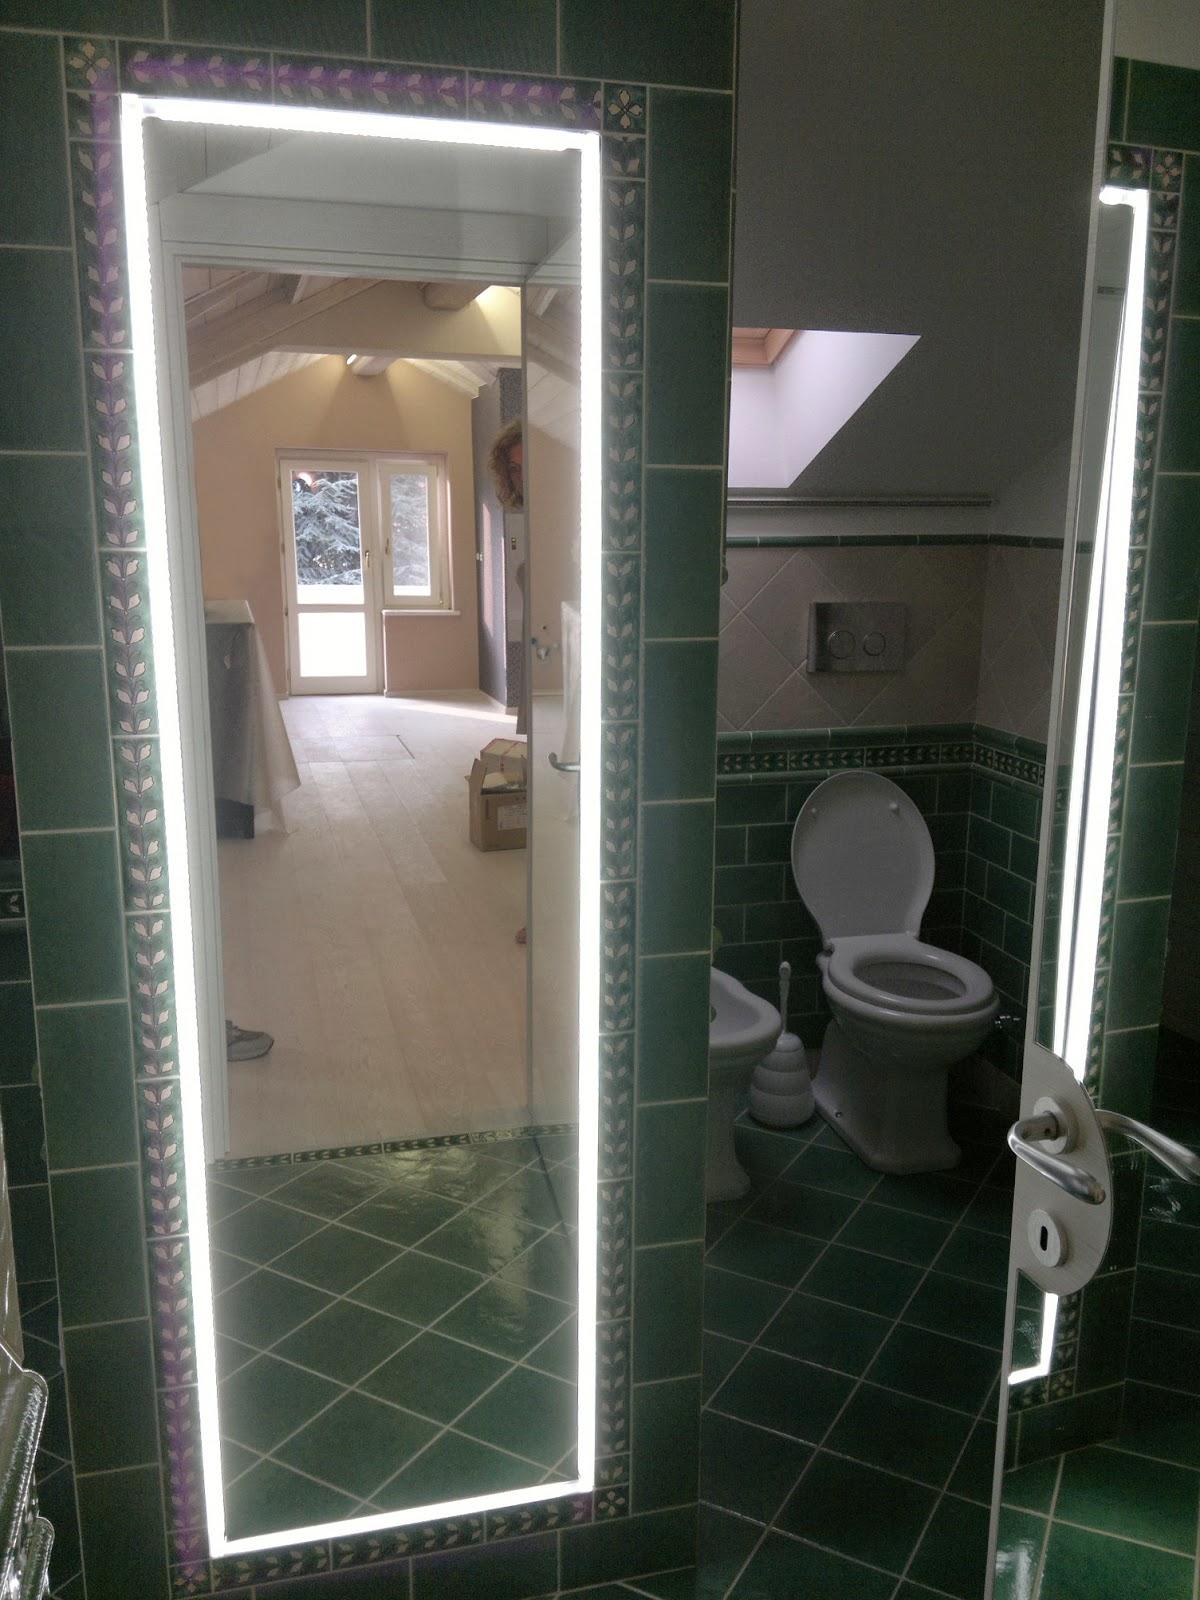 Lampada design bagno specchio - Specchi in casa ...